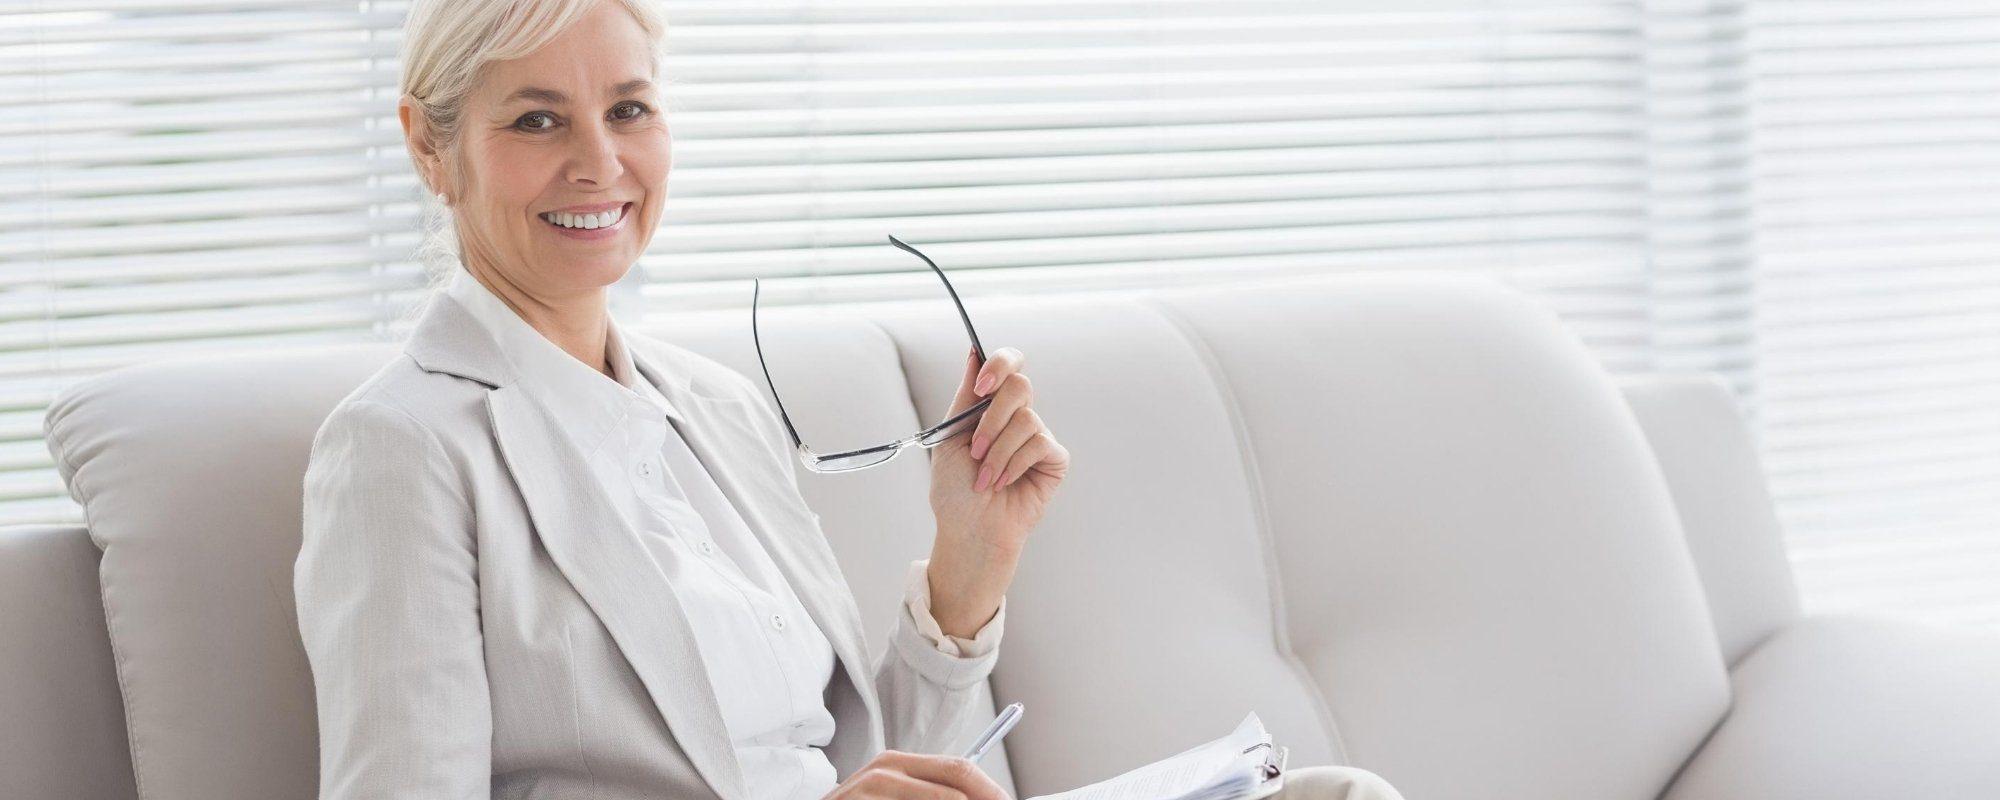 Psychiatrist or Therapist Headroom